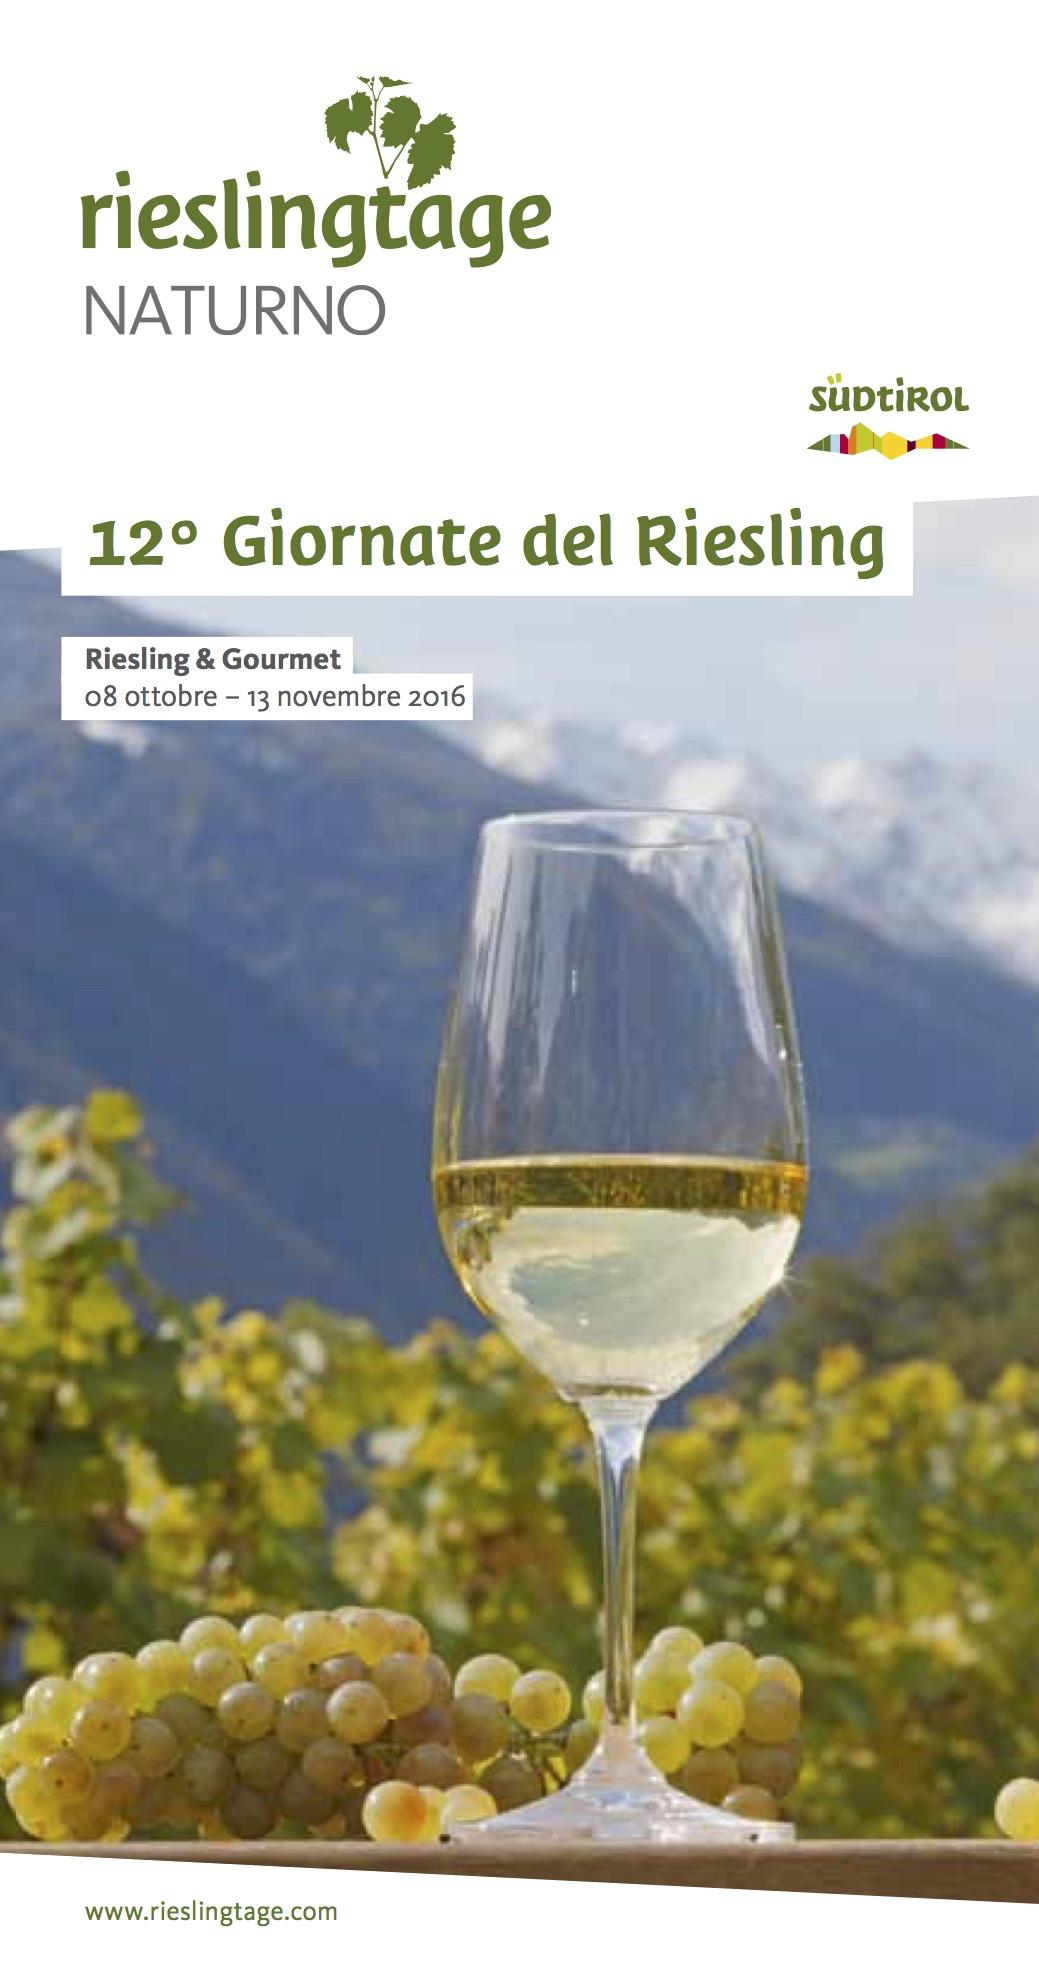 La XII edizione delle Giornate del Riesling come sempre promette un variegato programma, manifestazione che inaugura anche l'Autunno Gourmet di Naturno. Cliccate sull'immagine per scaricare il programma.